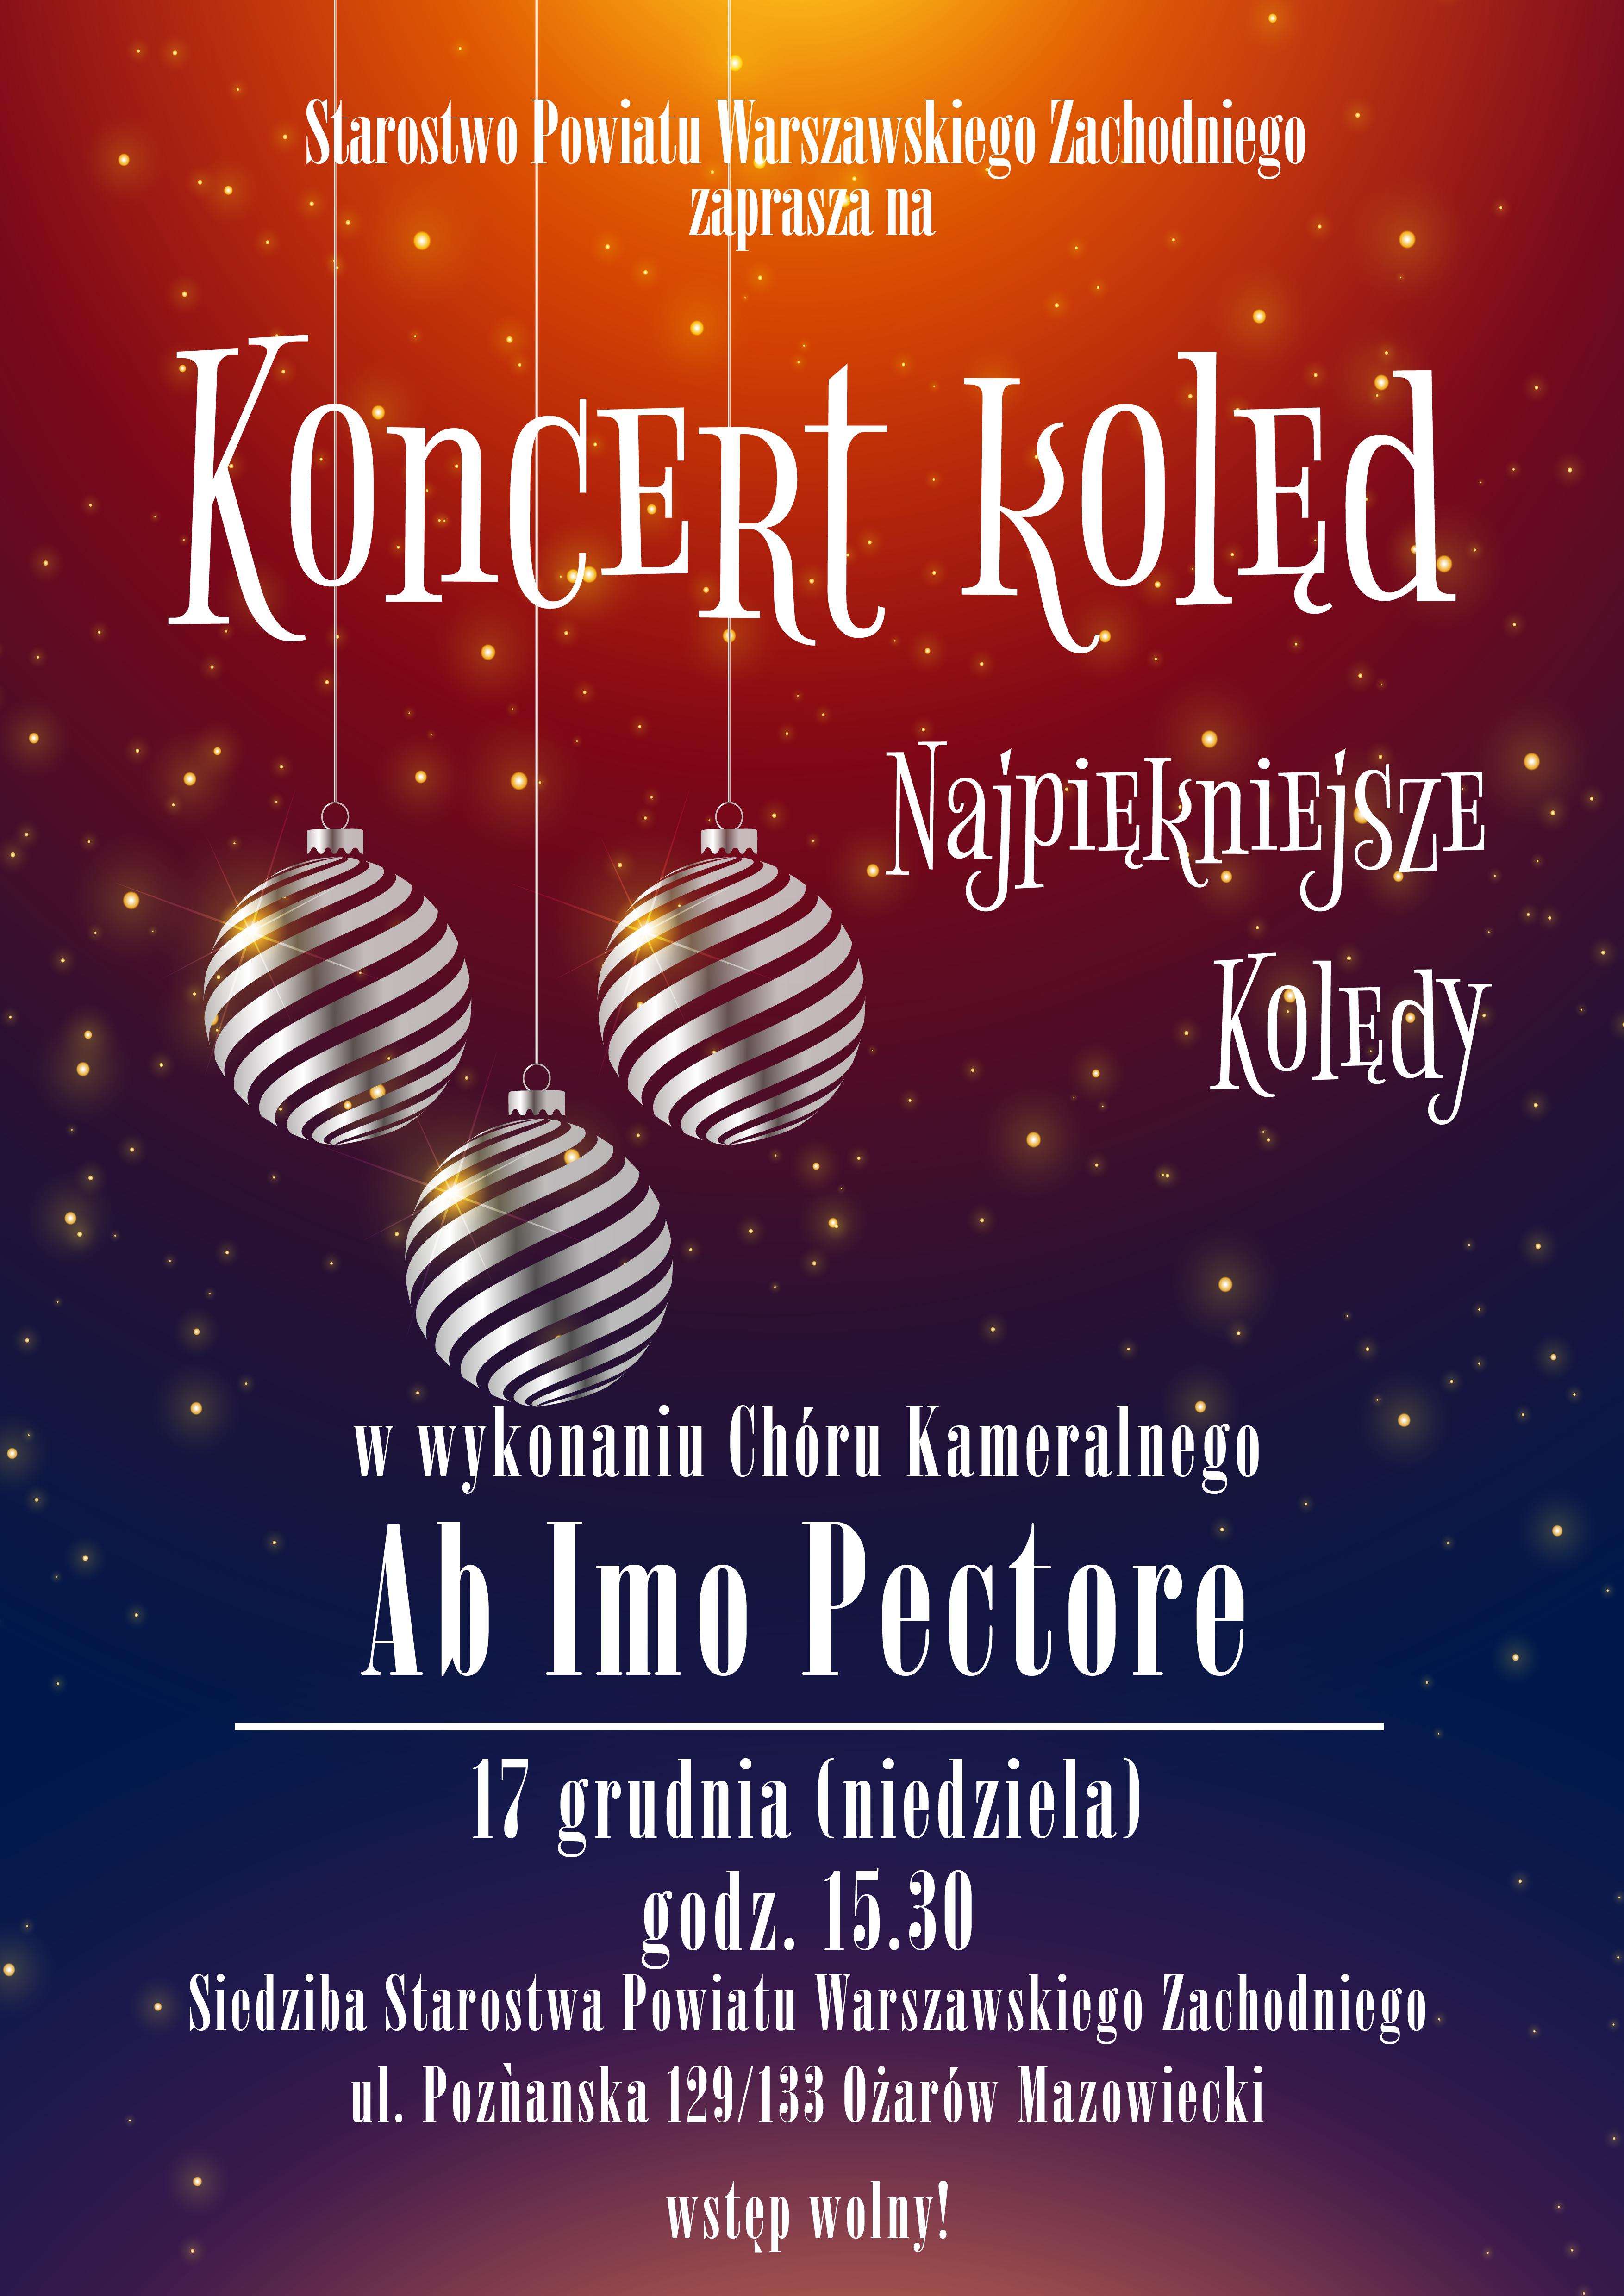 koncert_koled_2017-01